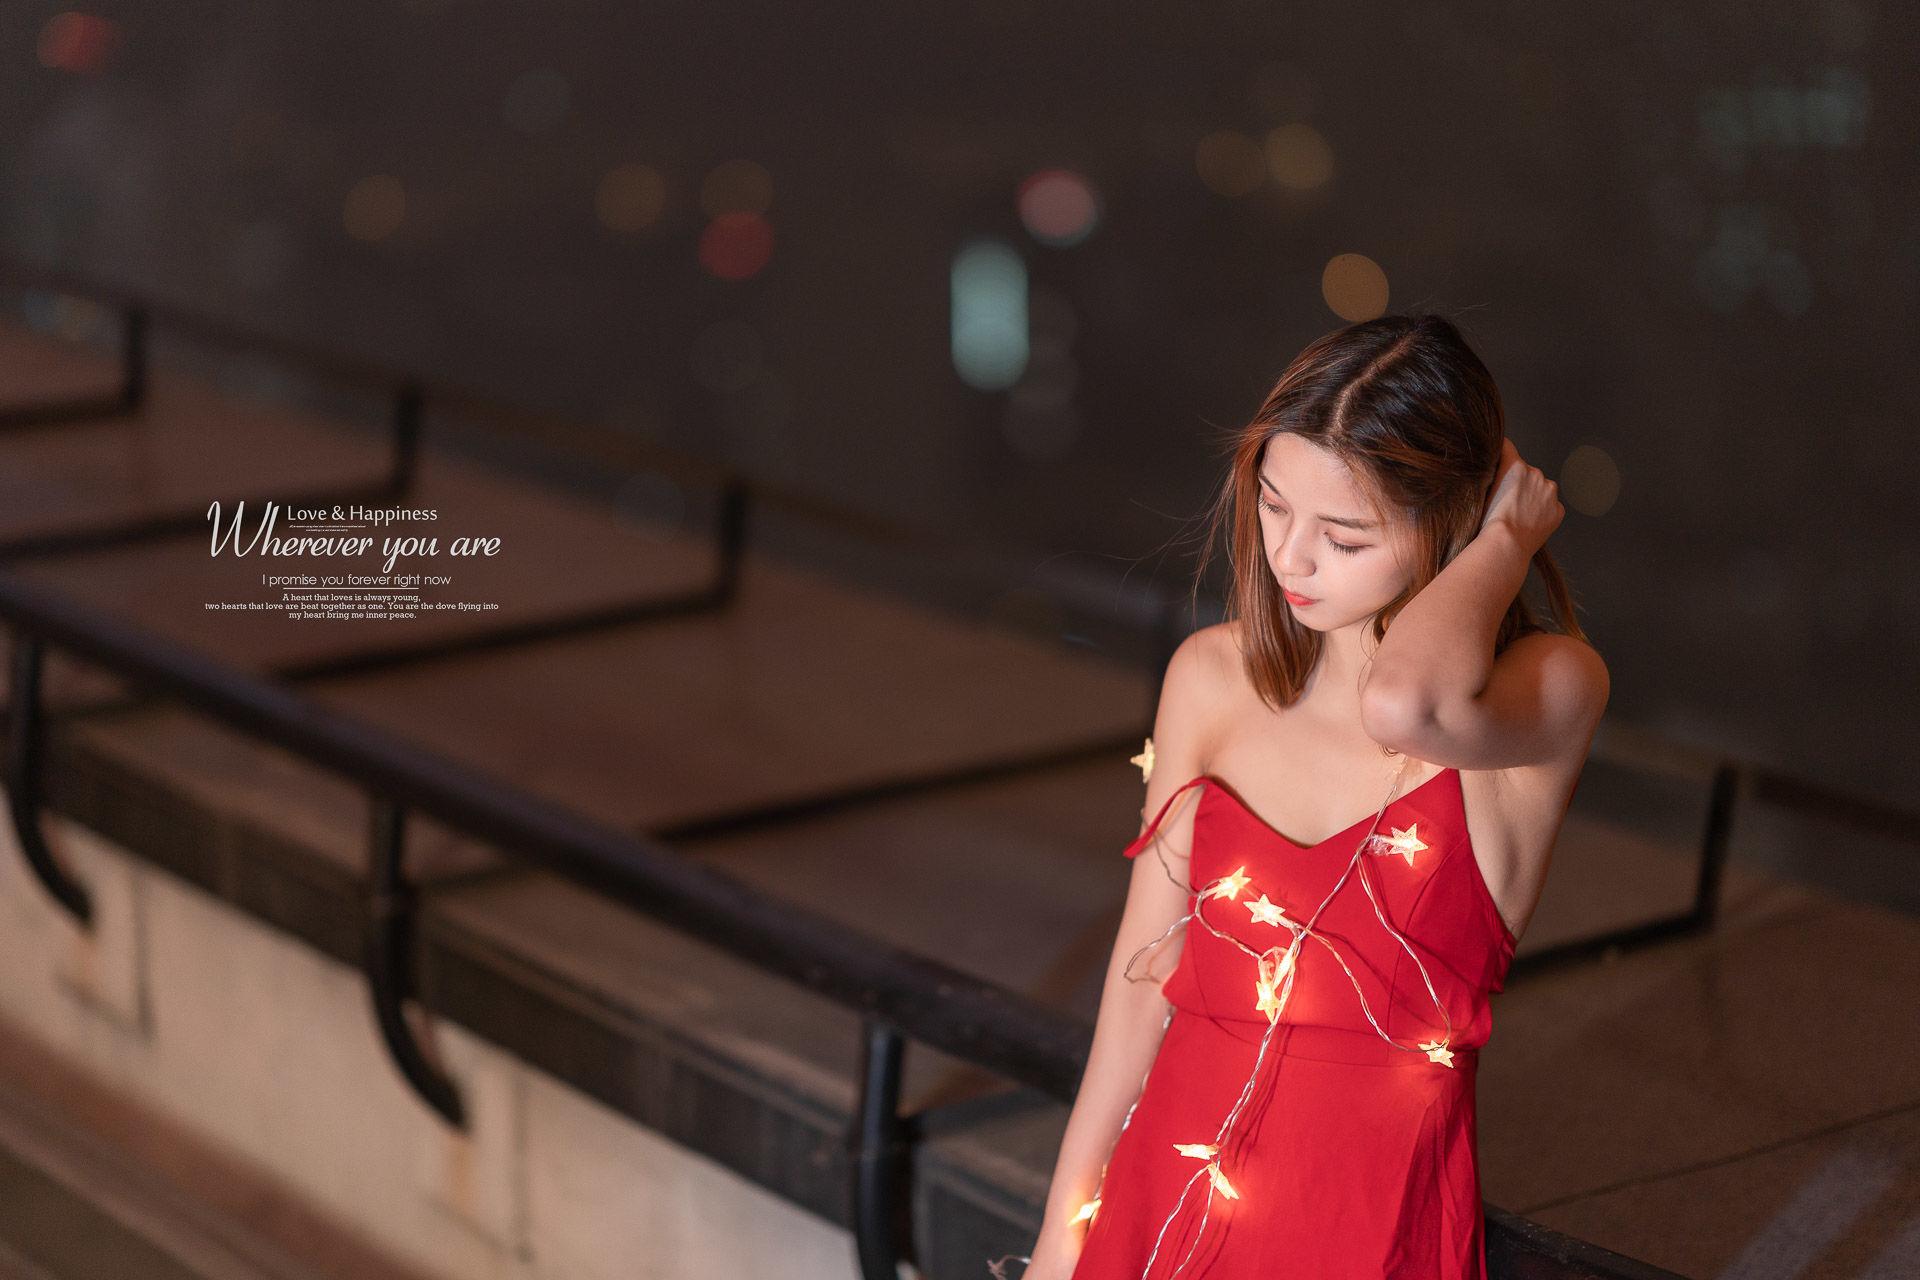 2019-04-08 天臺夜景 紅色露背連衣裙_攝影師蔣俞歡 模特于你安好